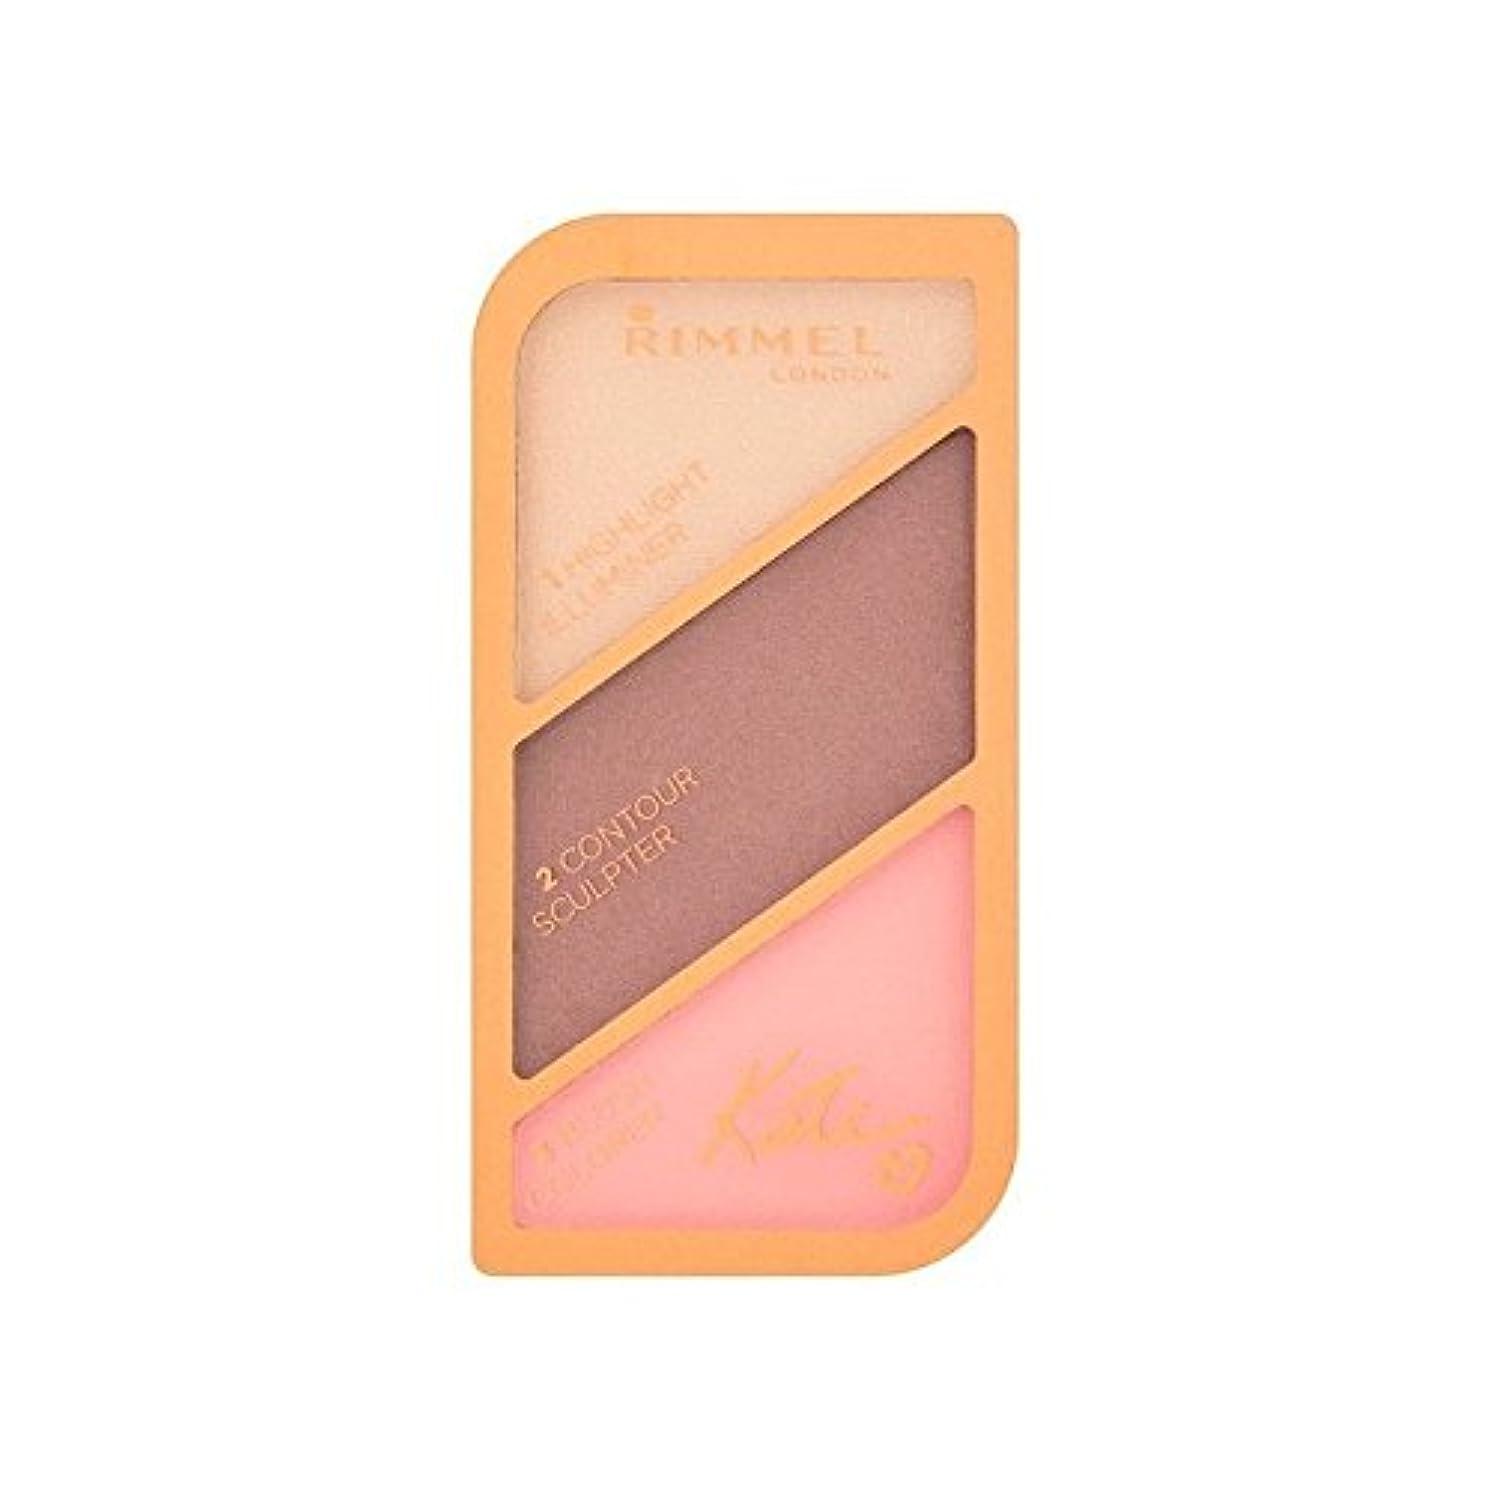 記憶コンピューターゲームをプレイするシロクマRimmel Kate Moss Sculpting Palette Golden Bronze 003 (Pack of 6) - リンメルケイト?モスの彫刻パレット黄金のブロンズ003 x6 [並行輸入品]